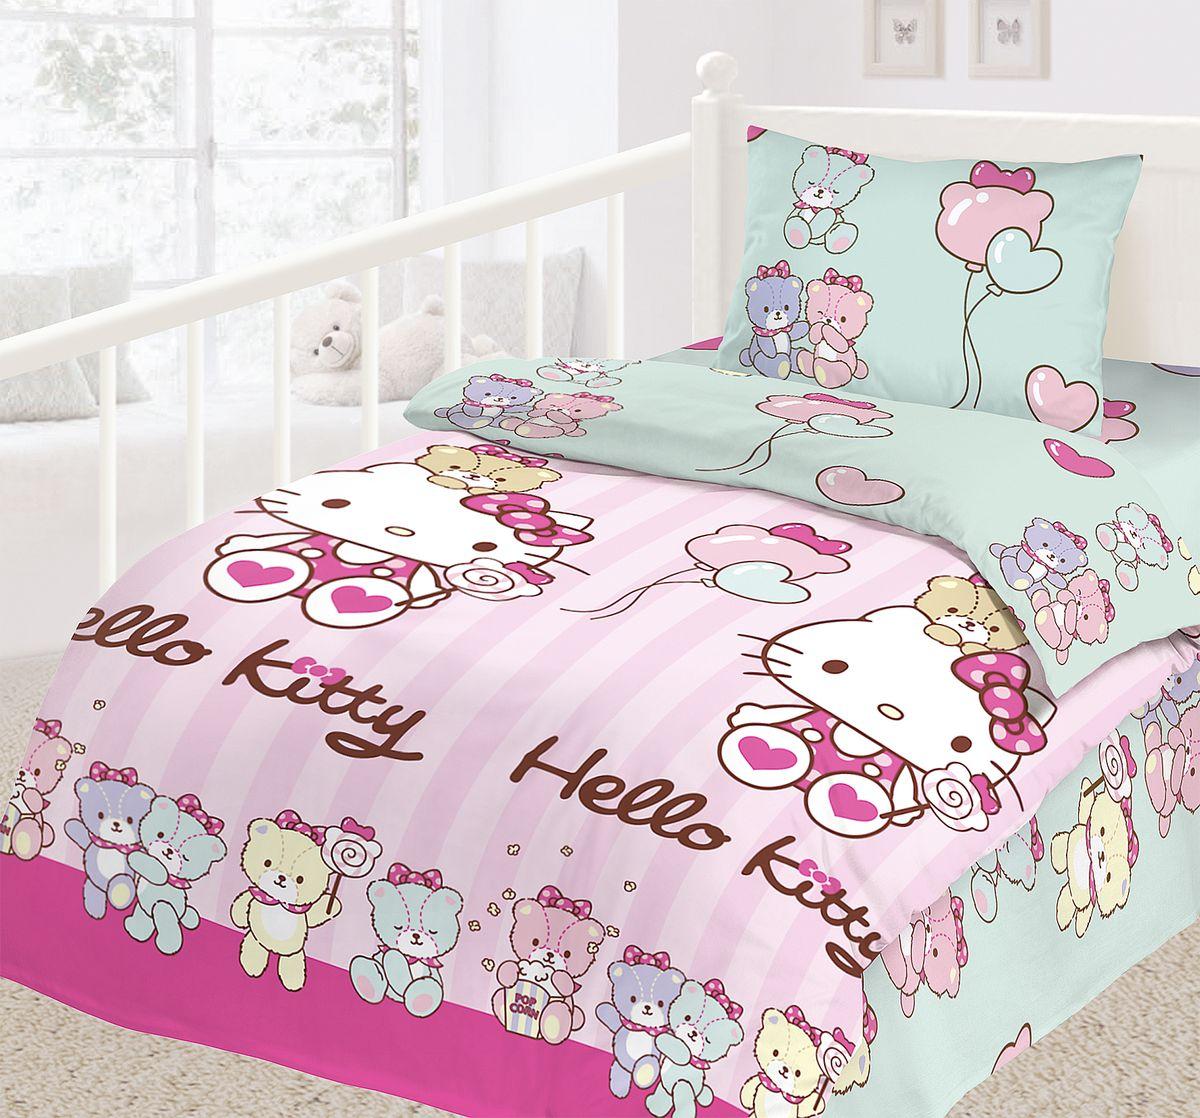 Комплект детского постельного белья Hello Kitty, цвет: розовый, голубой, 3 предмета180089Детский комплект постельного белья Hello Kitty состоит из наволочки, пододеяльника и простыни. Такой комплект идеально подойдет для кровати вашего ребенка и обеспечит ему здоровый сон. Он изготовлен из ранфорса (100% хлопок), дарящего малышу непревзойденную мягкость. Натуральный материал не раздражает даже самую нежную и чувствительную кожу ребенка, обеспечивая ему наибольший комфорт. Приятный рисунок комплекта подарит вашему ребенку встречу с любимыми героями полюбившегося мультфильма и порадует яркостью и красочностью дизайна.